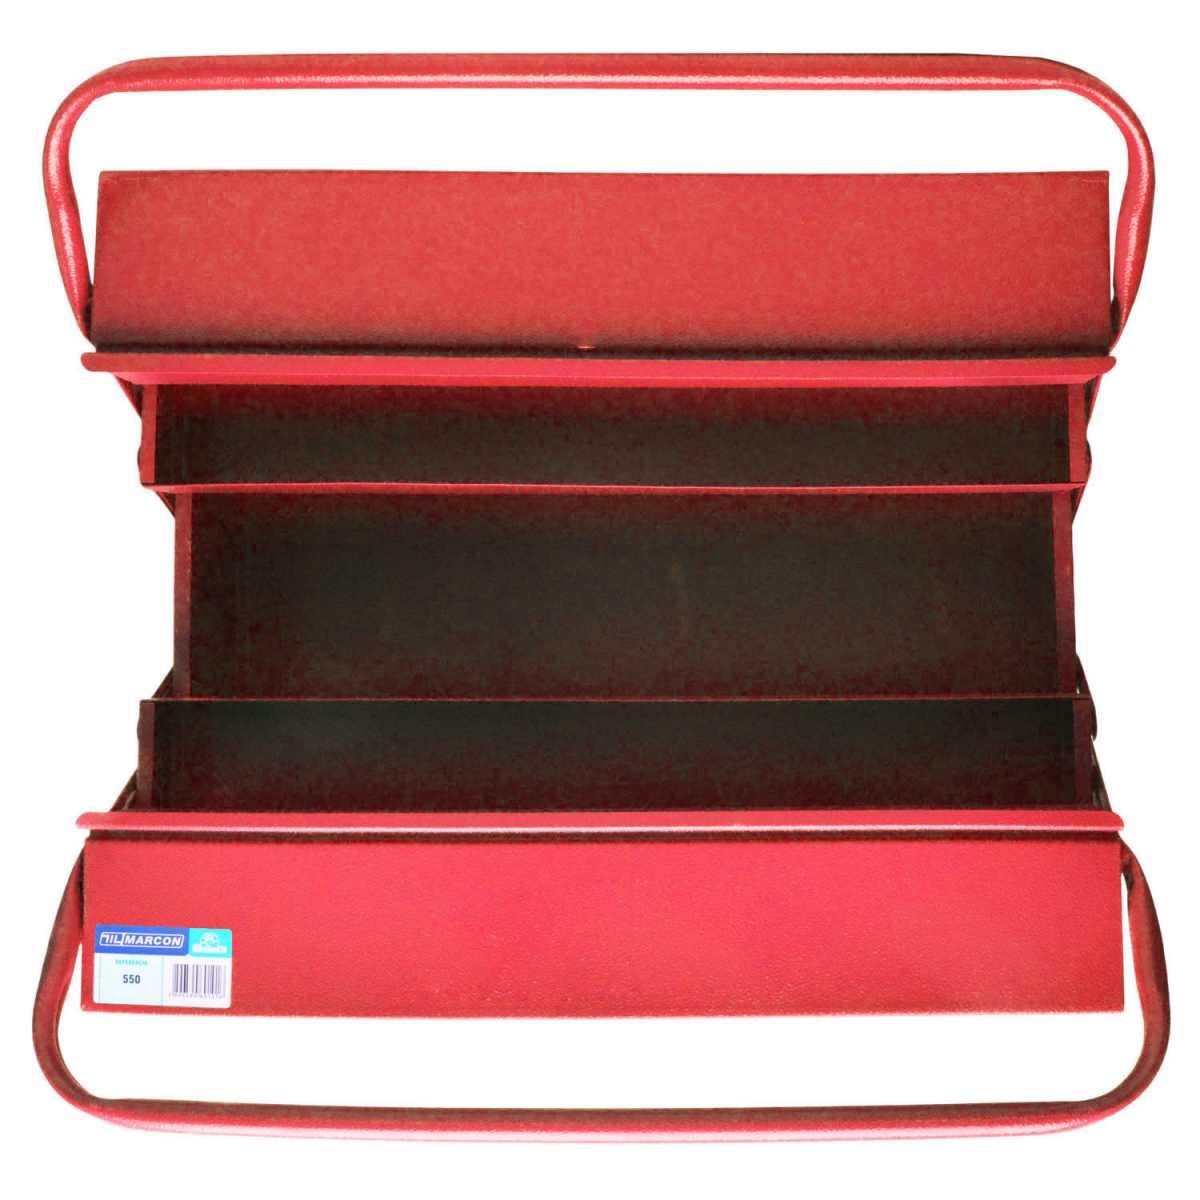 Caixa para Ferramentas com 5 Gavetas Cor Vermelha 550 Marcon